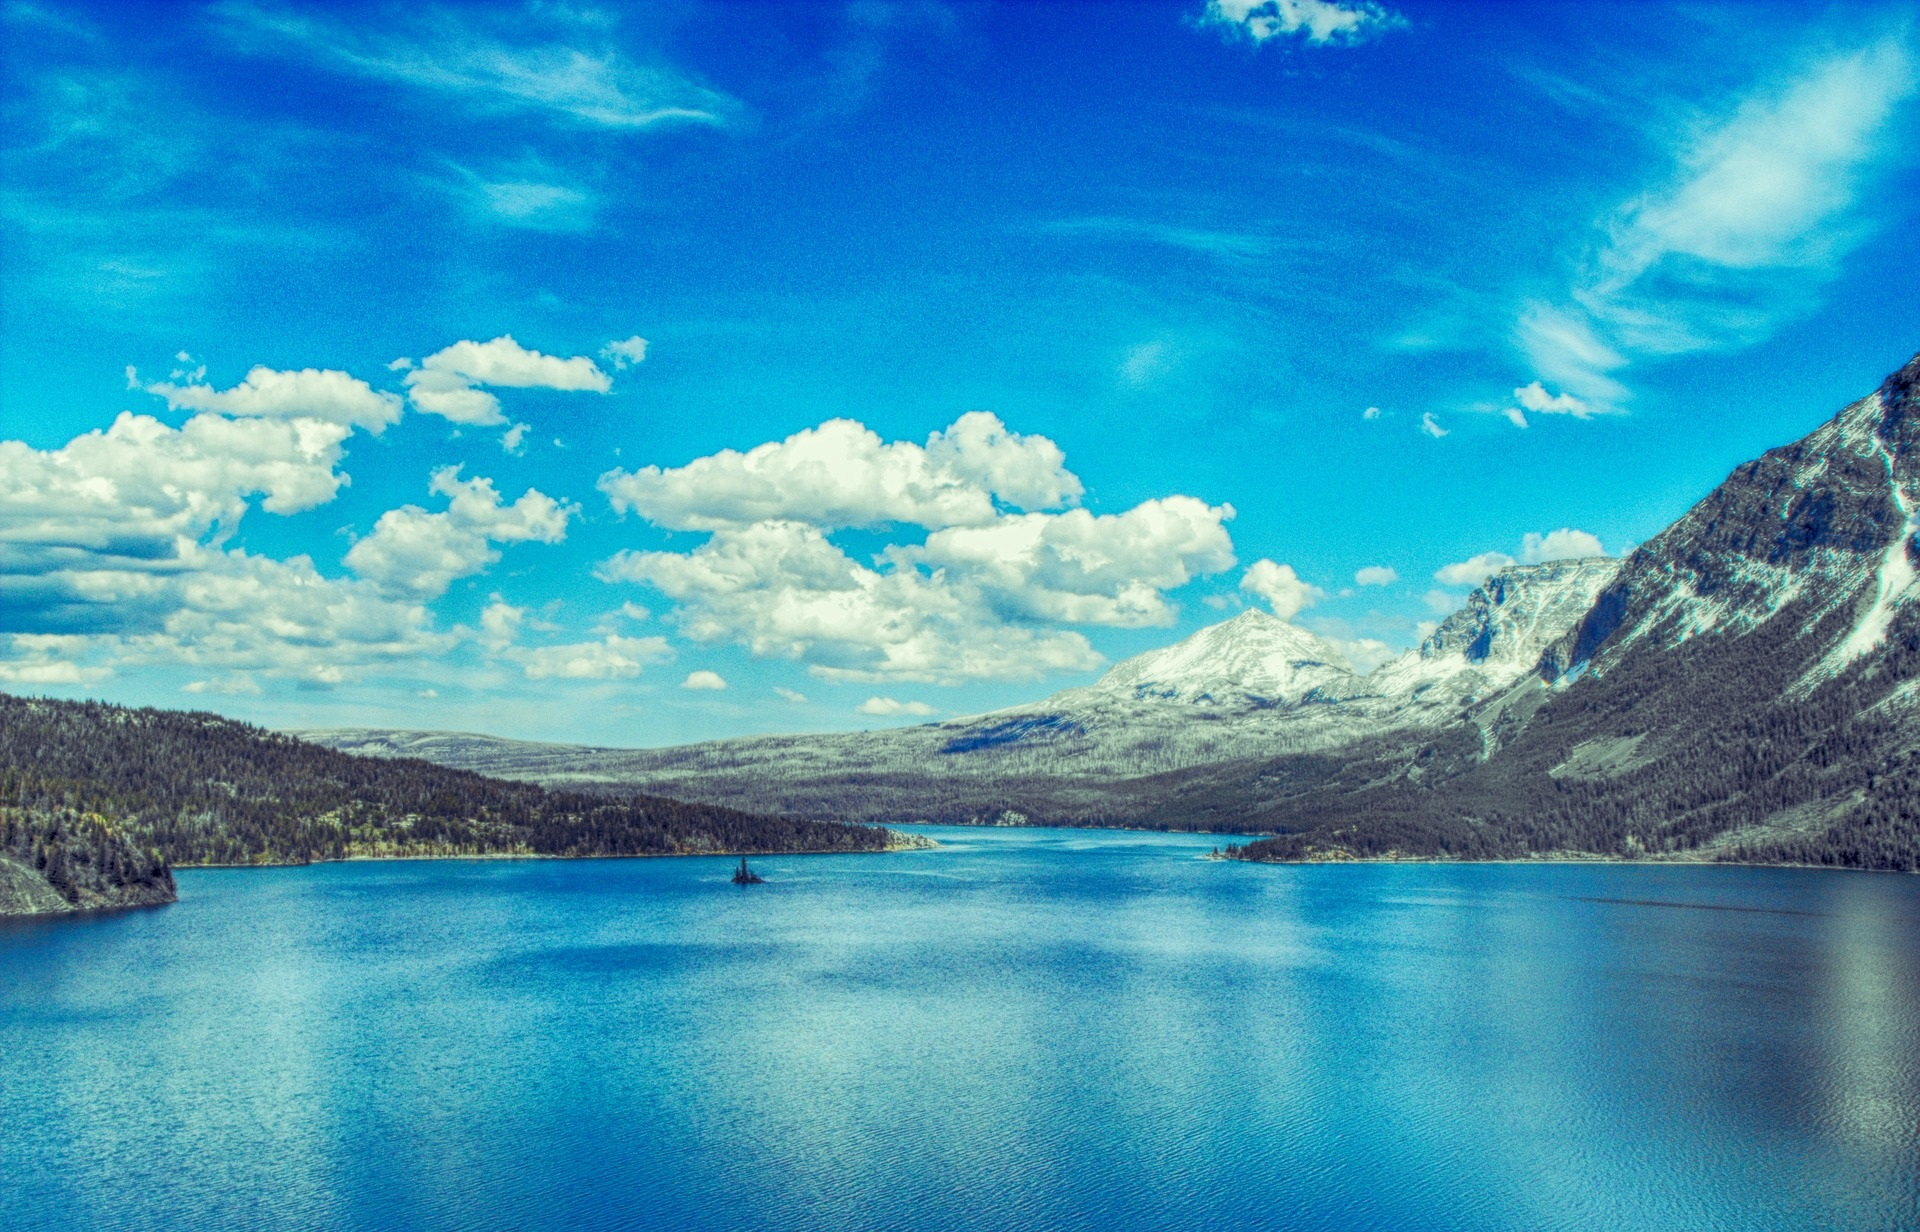 Blå sjö omgiven av vintriga berg.